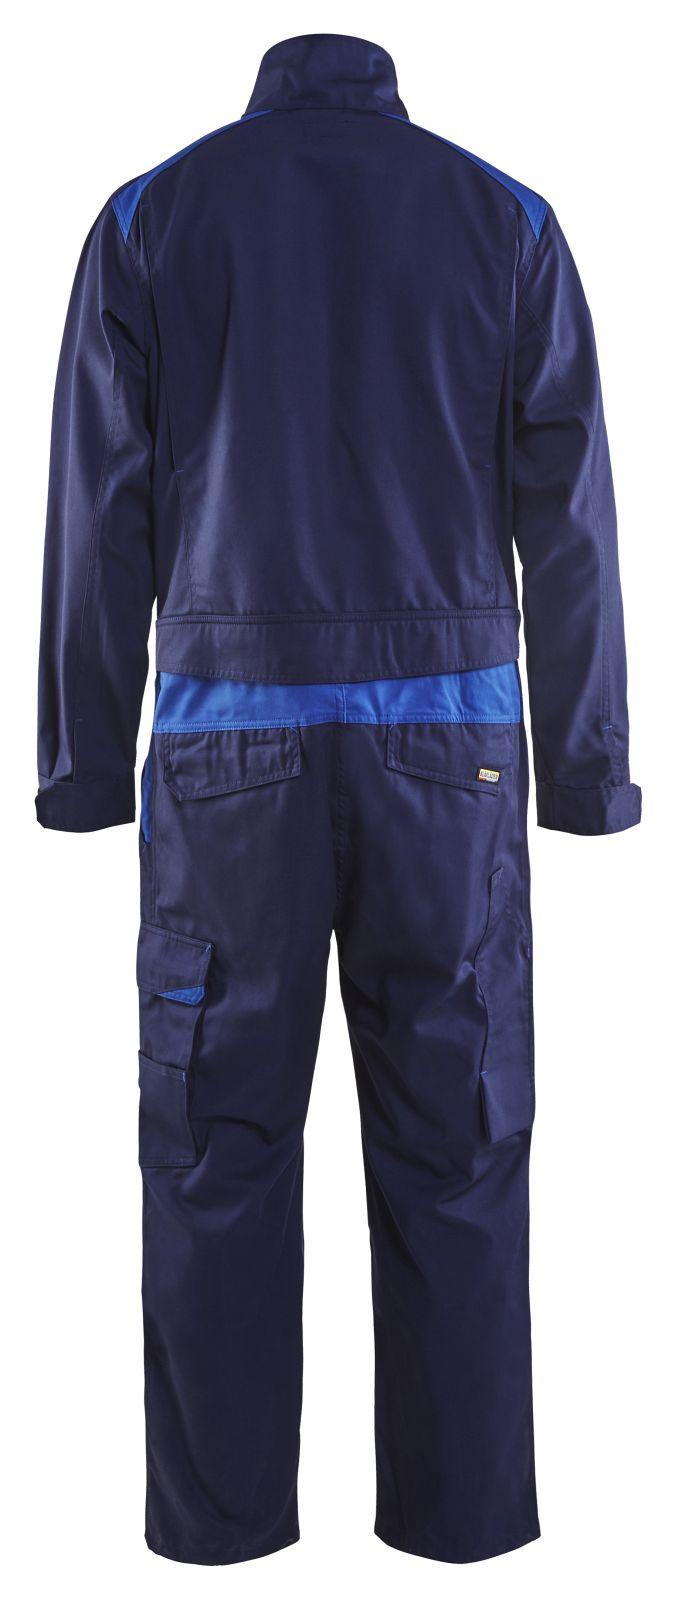 Blaklader Overalls 60541800 marineblauw-korenblauw(8985)